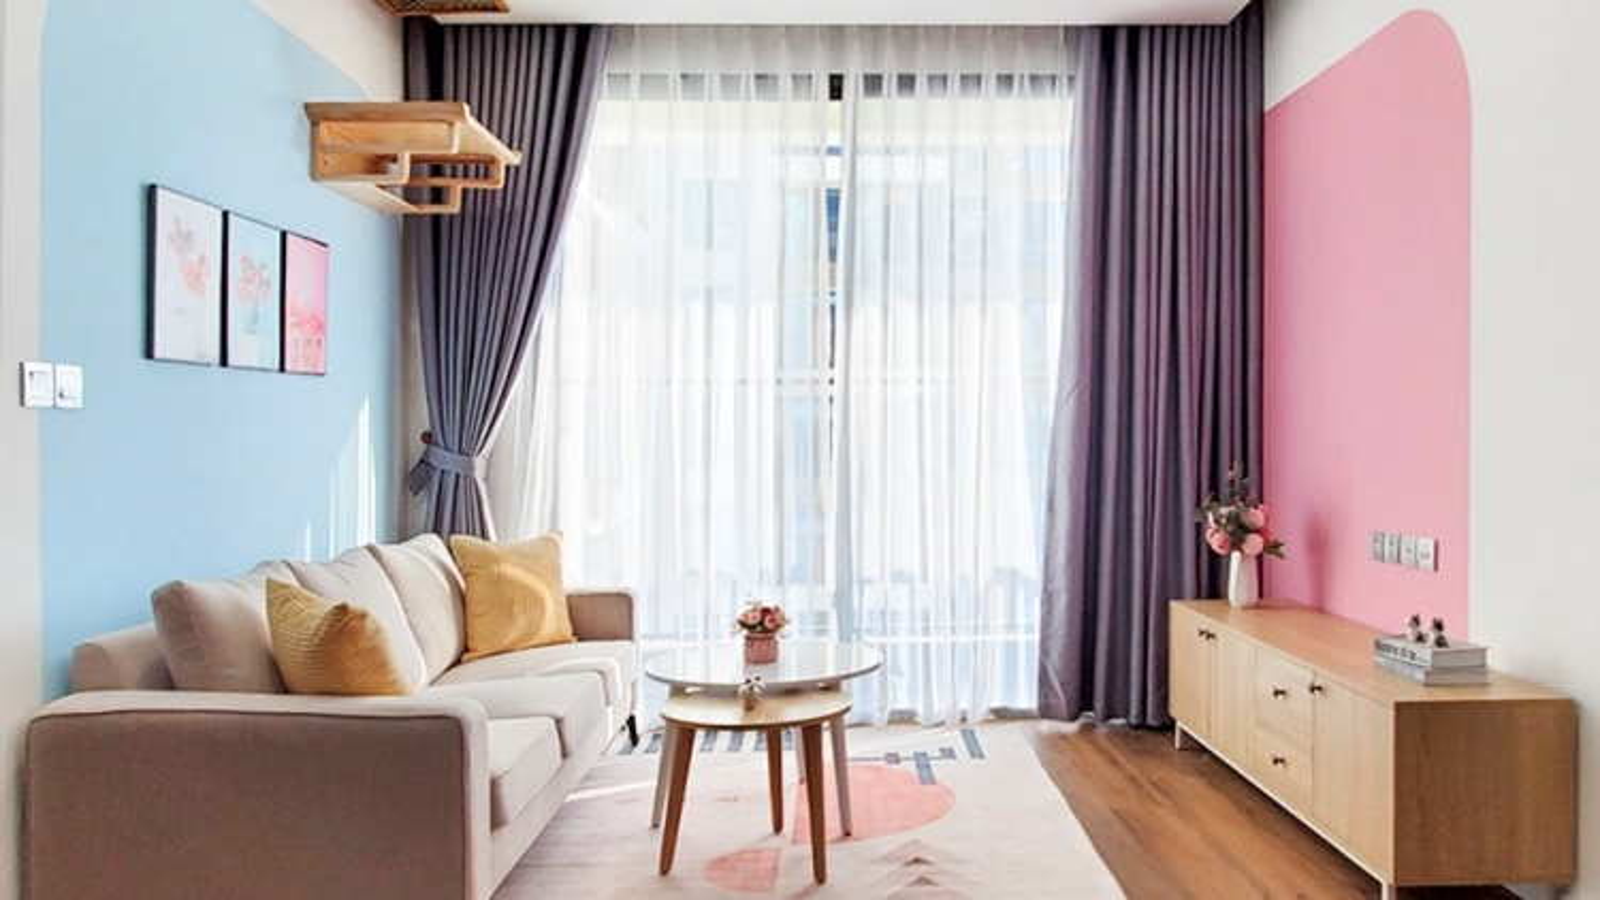 Ngắm căn hộ xinh xắn, hợp túi tiền của cặp vợ chồng trẻ ở Bắc Ninh